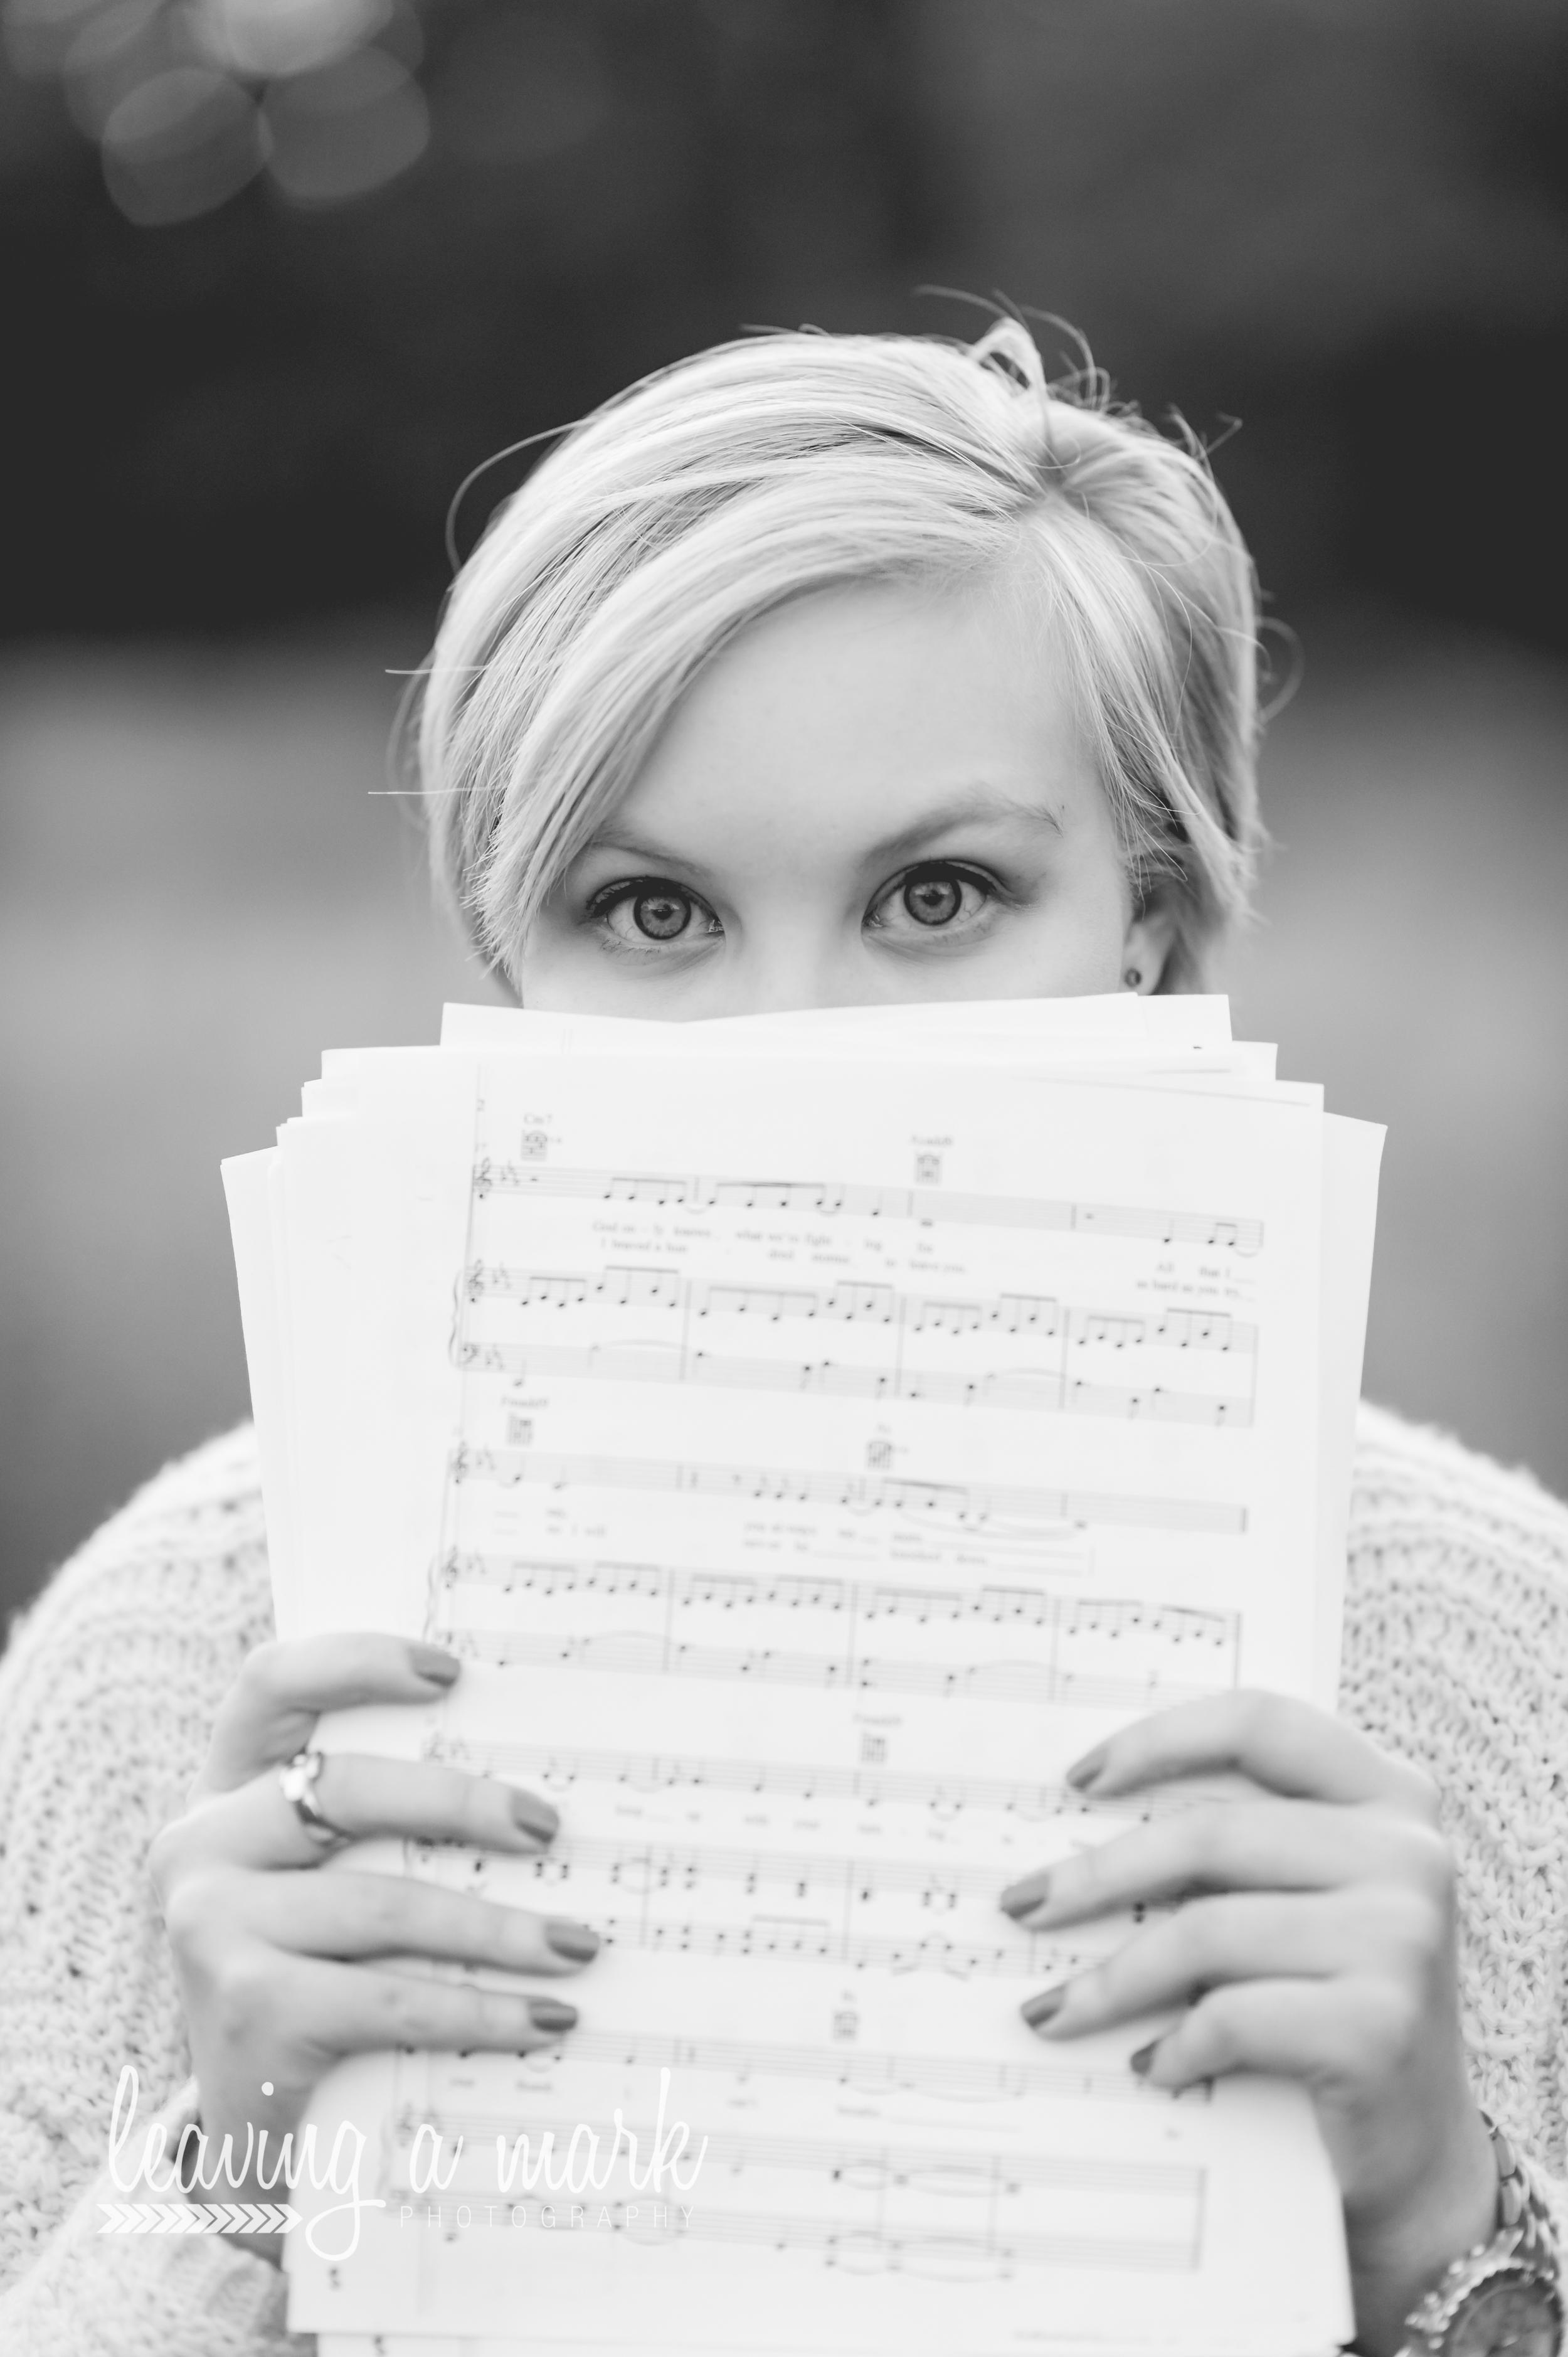 senior girl, music